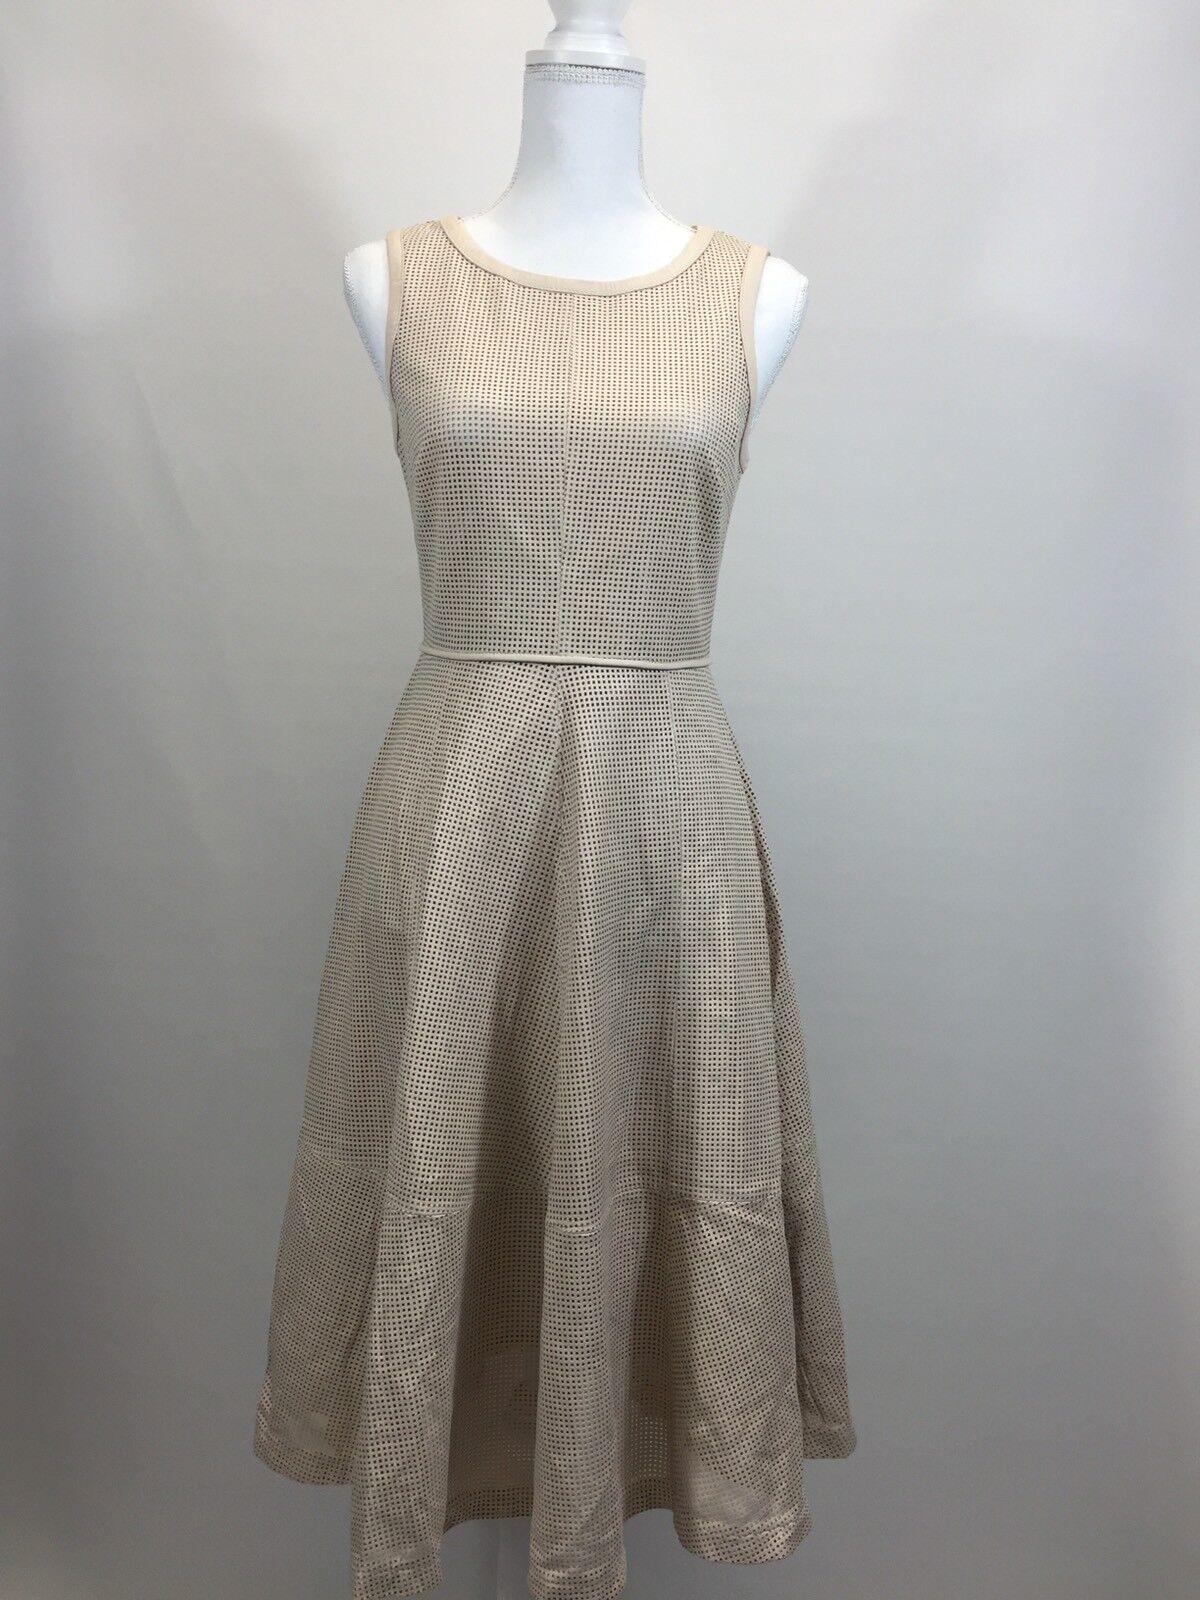 Nuevo Vestido JCREW Colección  Cuero Perforado F0251 Talla 2 BEIGE VAINILLA DULCE  punto de venta